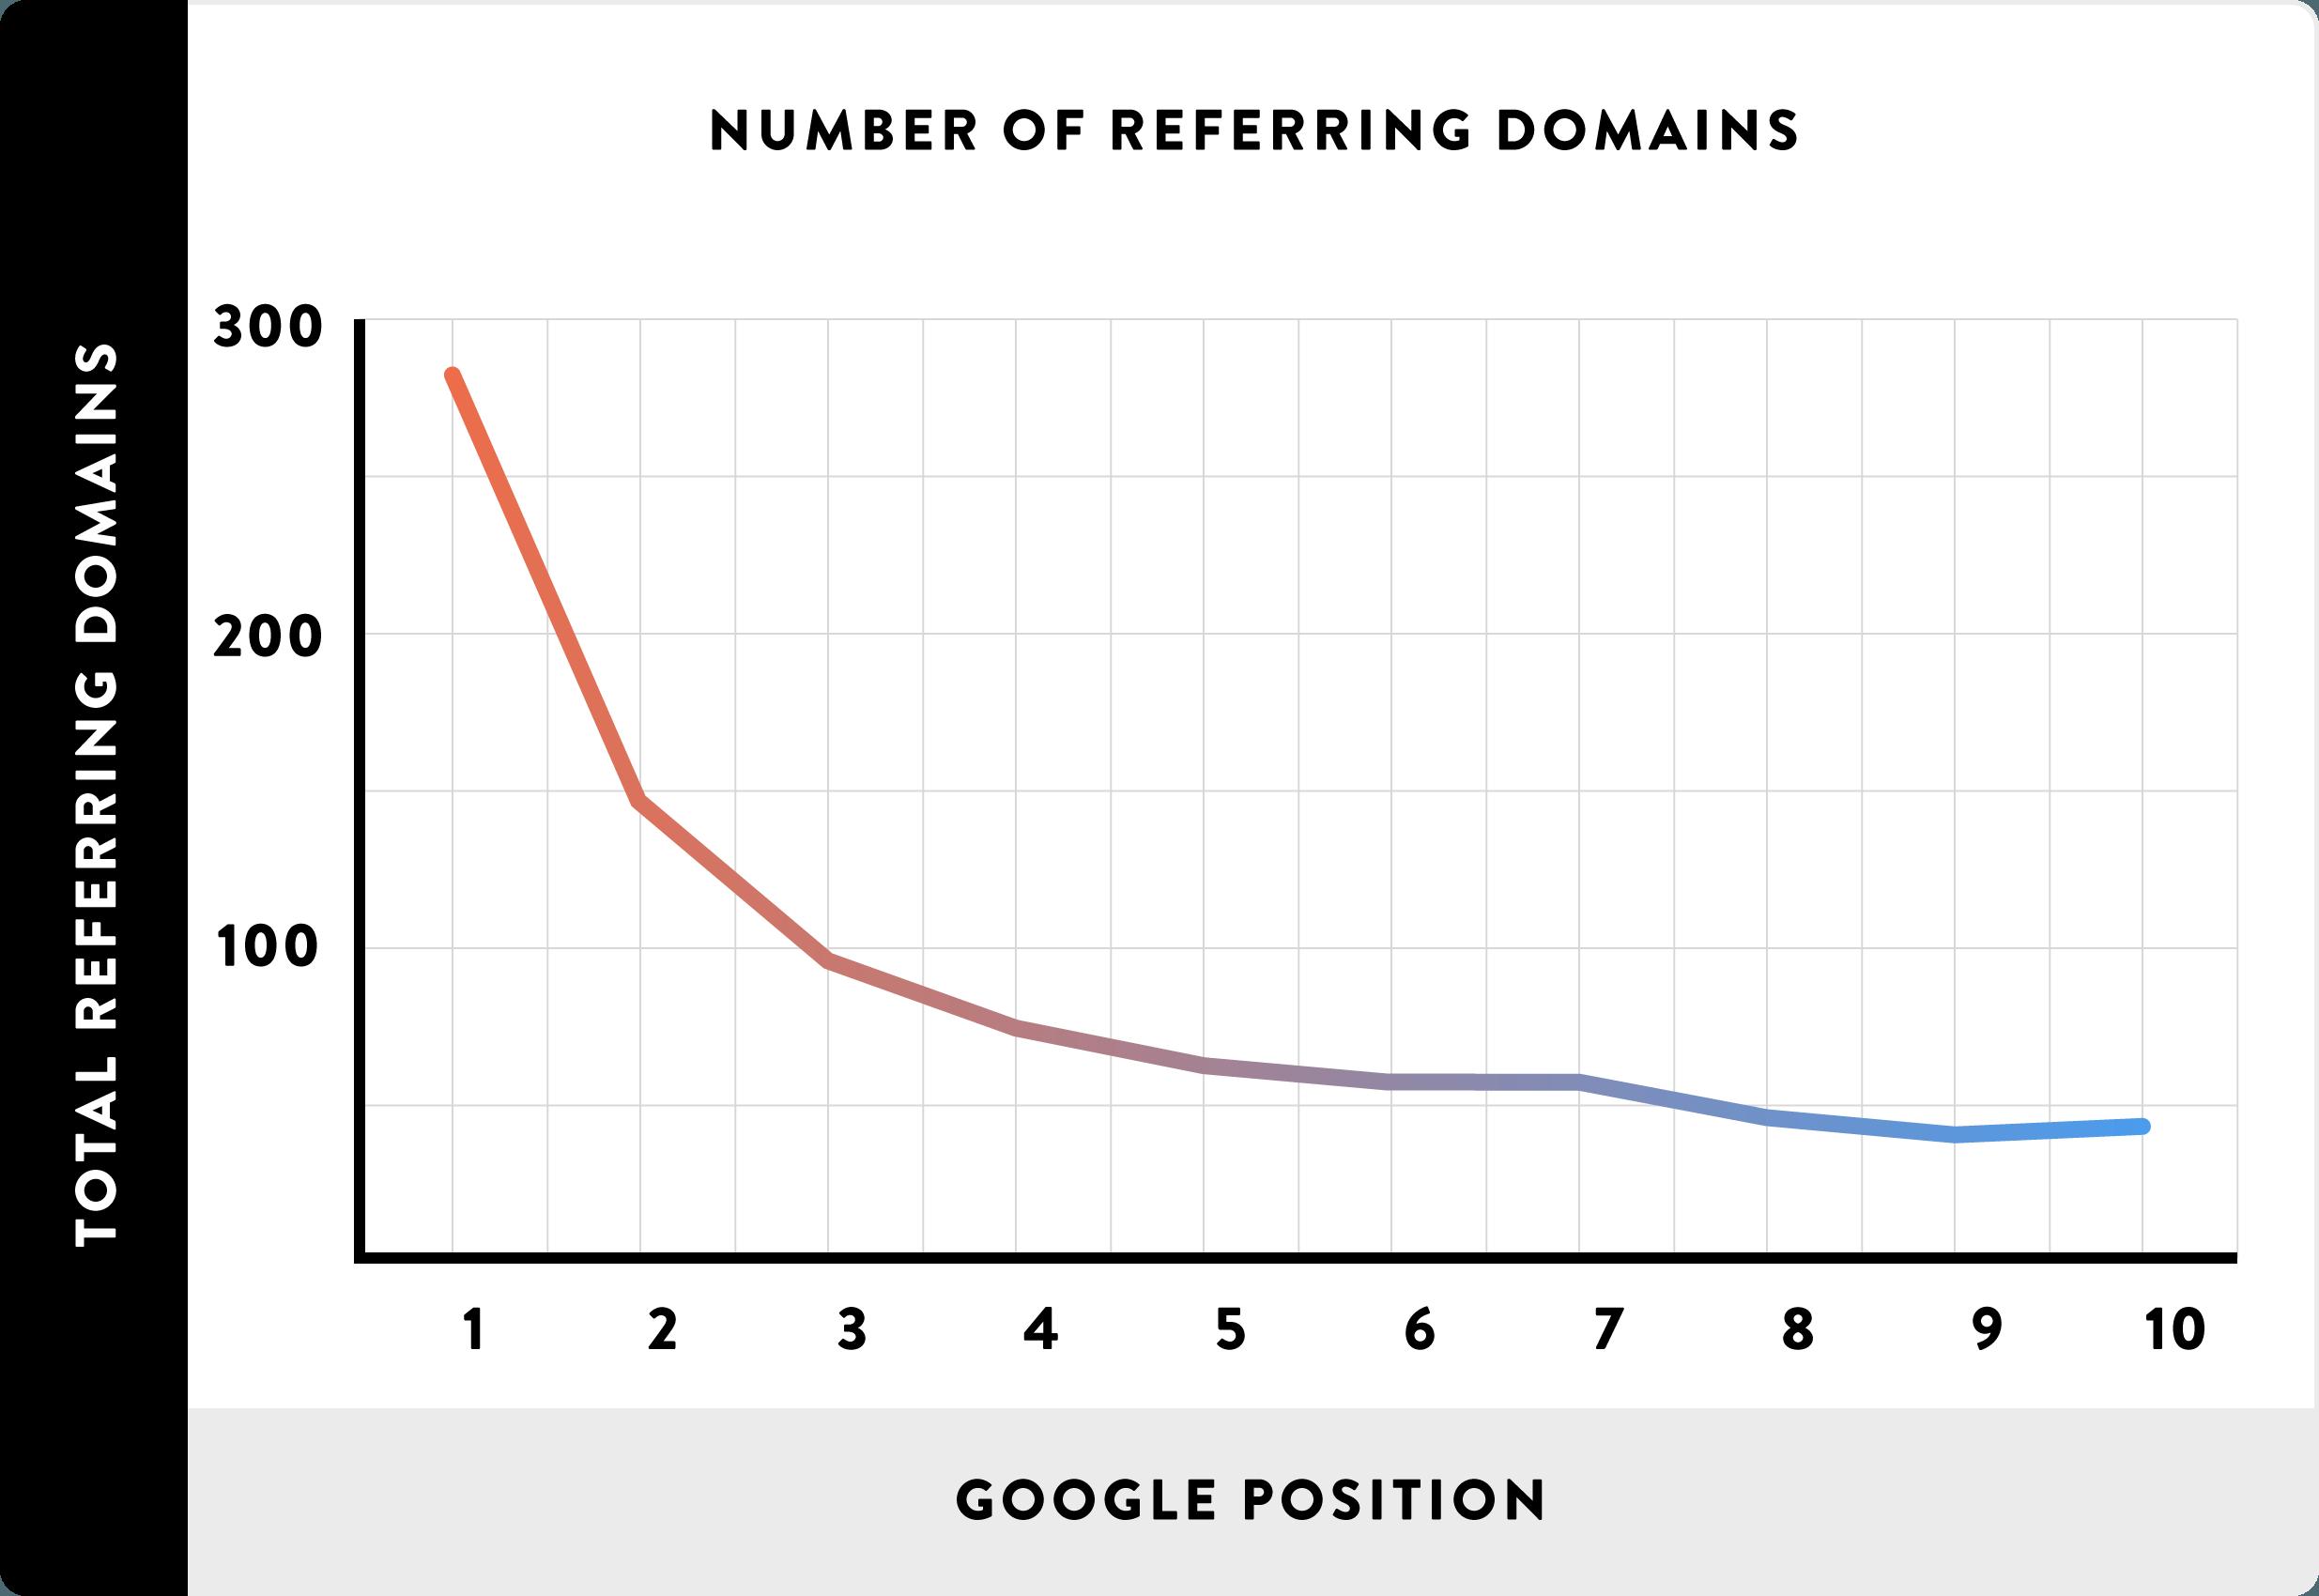 Sambandet mellan antalet refererande domäner och Google ranking